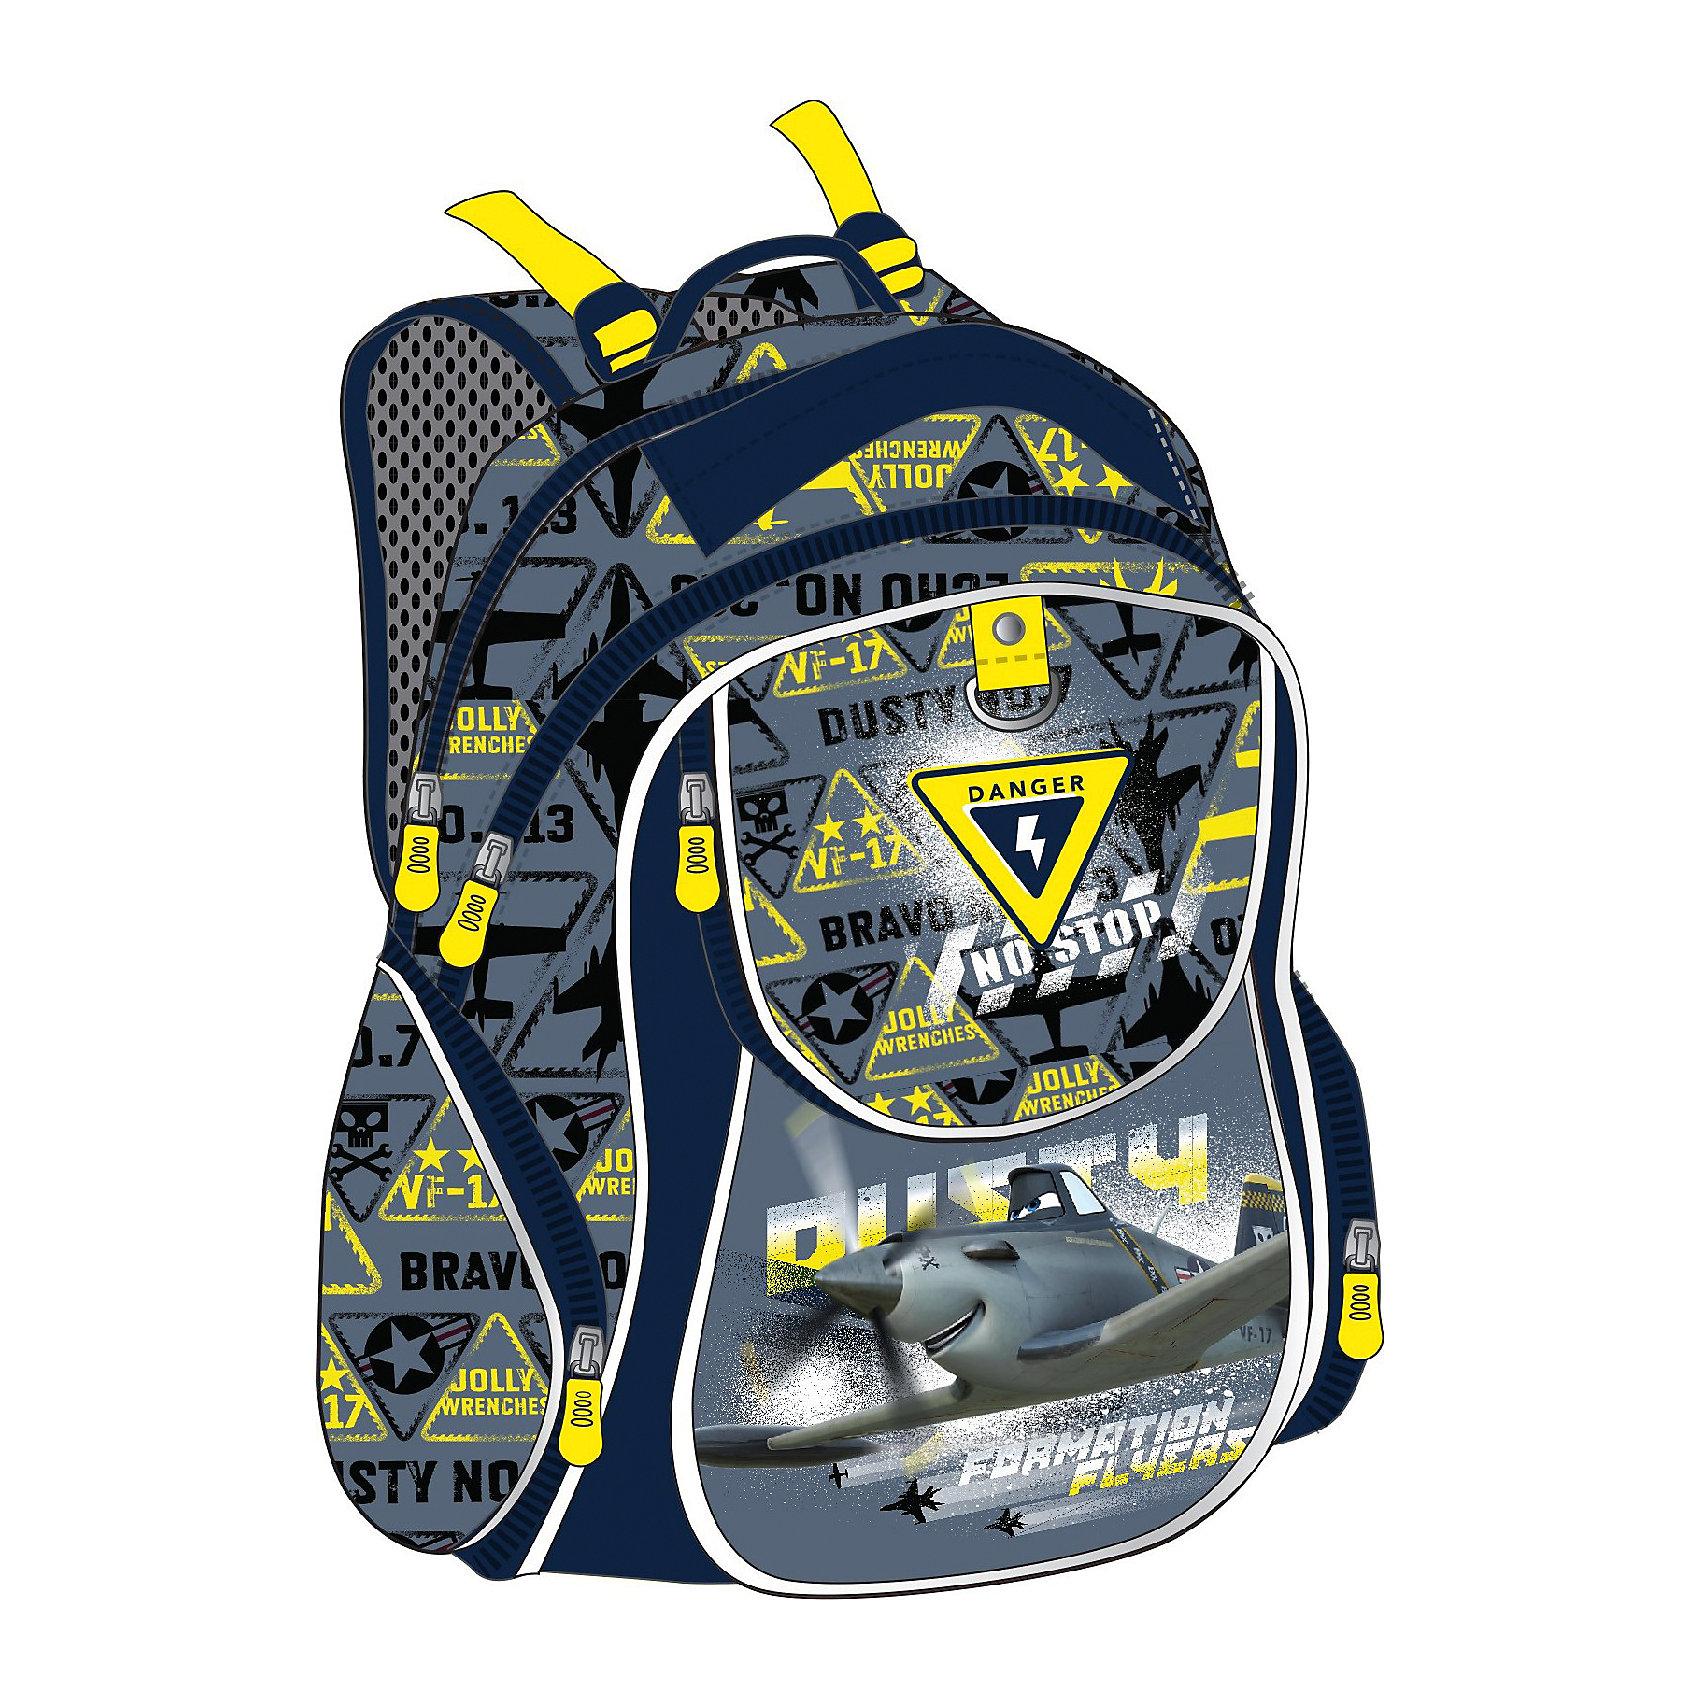 ErichKrause Рюкзак школьный СамолетыСамолеты<br>Школьный рюкзак, Самолеты – этот легкий вместительный рюкзак будет надежным спутником для вашего школьника.<br>У рюкзака Самолеты эргономичная конструкция спинки из подушечек с вентиляционными каналами, которая не только не дает ребенку сутулиться, но и обеспечивает идеальную вентиляцию для спины. Уплотненные S-образные лямки из вентилируемого сетчатого материала с системой регулирования для изменения положения рюкзака одним движением позволят снизить нагрузку на плечи. Рюкзак имеет 2 отделения, фронтальный карман на молнии, дополнительные боковые карманы, закрывающиеся на застежки-молнии. Во фронтальном кармане предусмотрен органайзер. Дно укреплено пластиковыми ножками и внутренней откидывающейся жесткой вставкой. Имеется мягкая ручка и петля для подвешивания. Светоотражающие элементы обеспечивают безопасность в темноте.<br><br>Дополнительная информация:<br><br>- Размер: 38 х 28 х 14 см.<br>- Вес: 450 гр.<br>- Материал: полиэстер<br><br>Школьный рюкзак, Самолеты можно купить в нашем интернет-магазине.<br><br>Ширина мм: 280<br>Глубина мм: 140<br>Высота мм: 380<br>Вес г: 830<br>Возраст от месяцев: 84<br>Возраст до месяцев: 120<br>Пол: Мужской<br>Возраст: Детский<br>SKU: 4744495